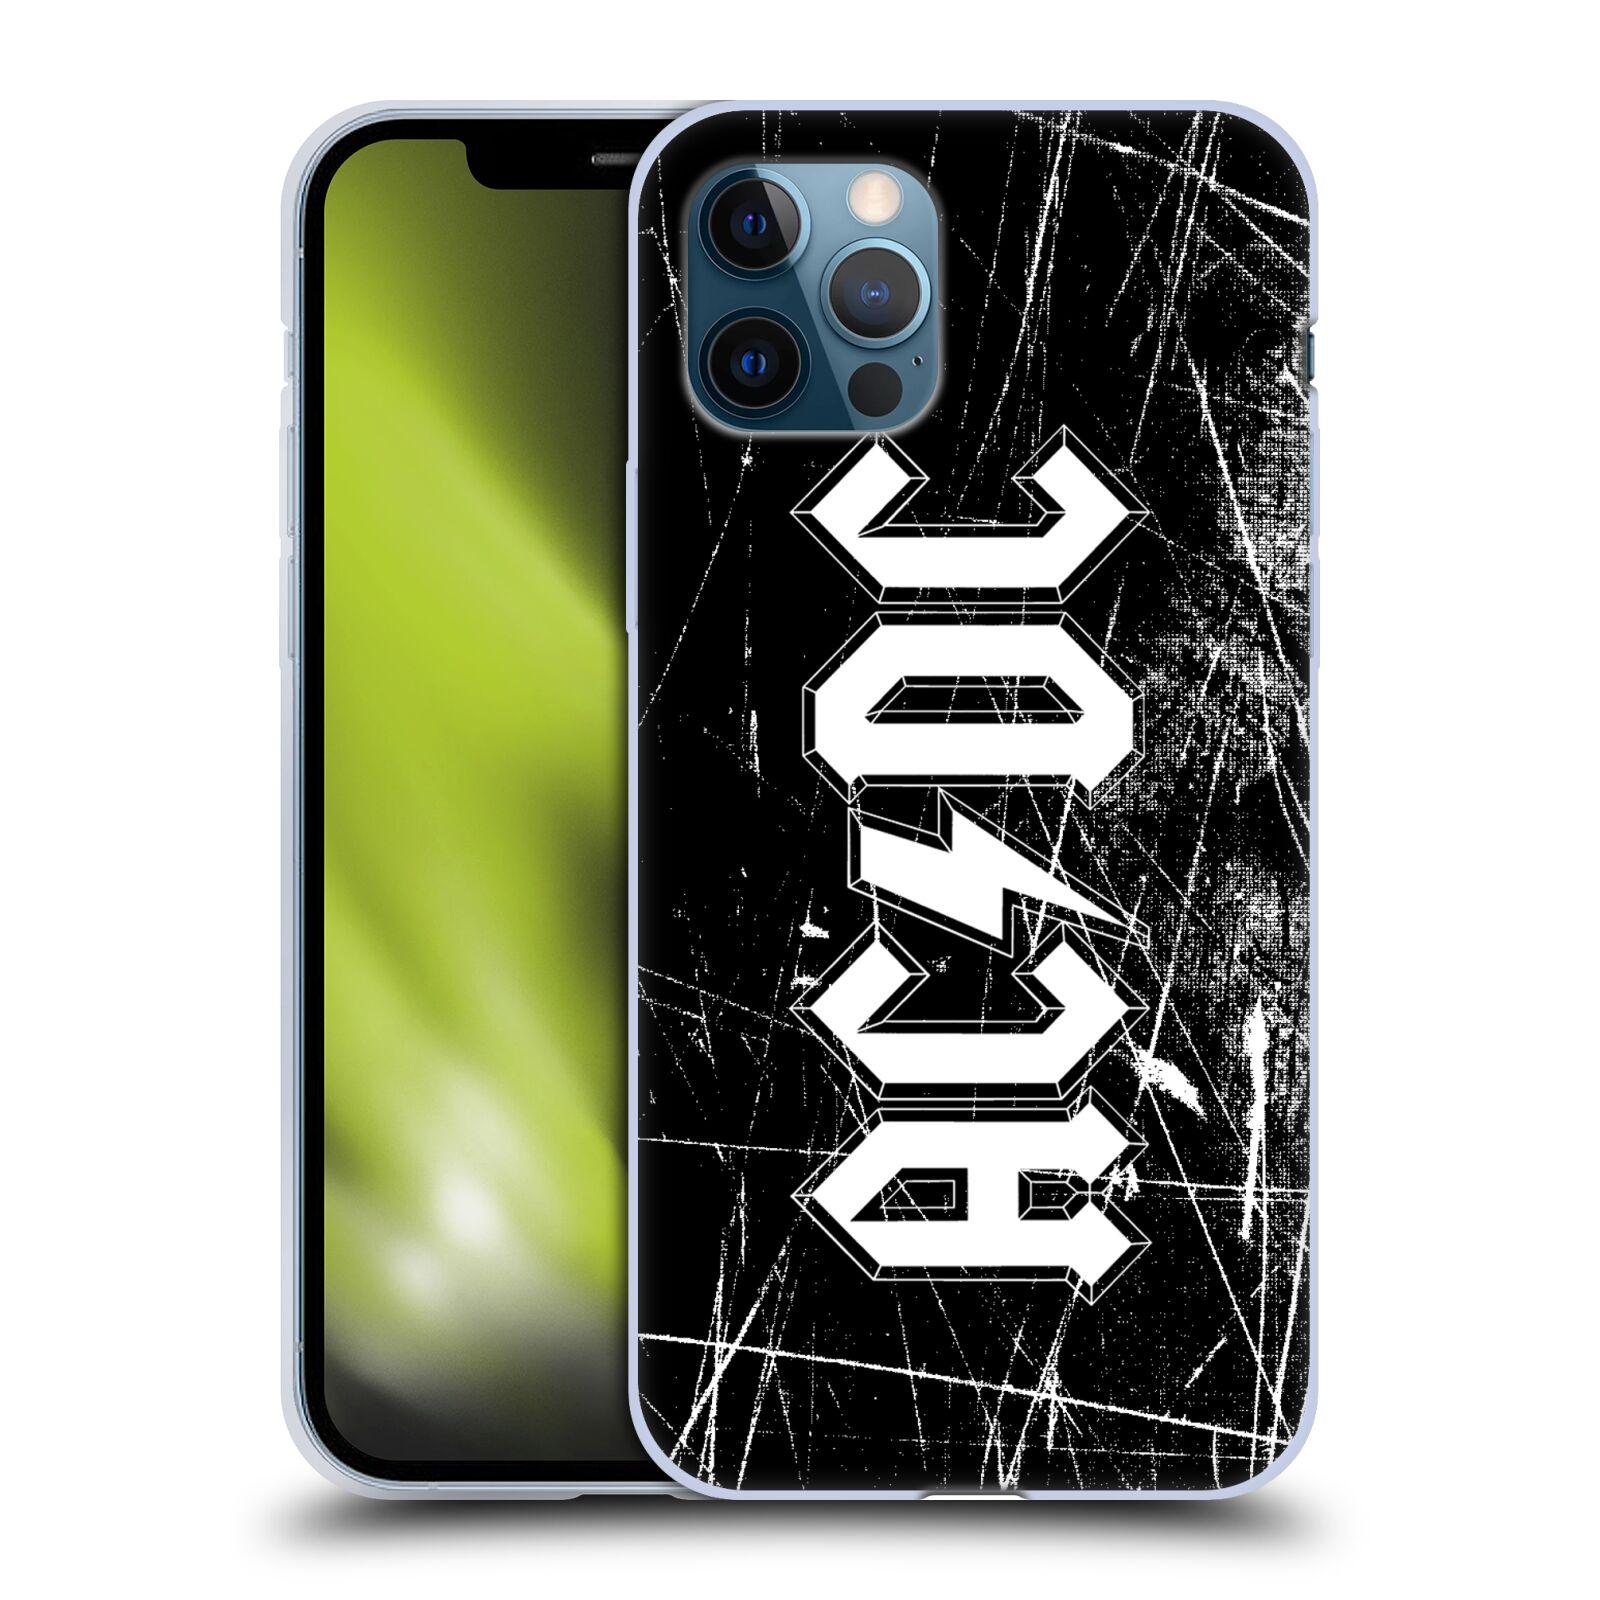 Silikonové pouzdro na mobil Apple iPhone 12 / 12 Pro - Head Case - AC/DC Černobílé logo